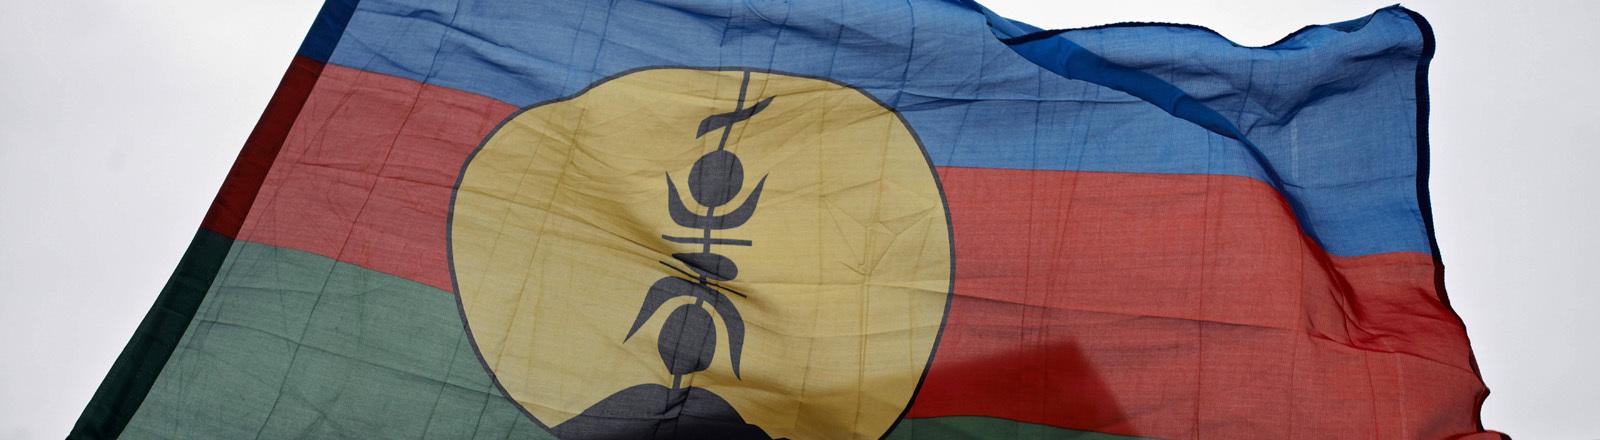 Die blau-rot-grün gestreifte Flagge von Neukaledonien mit einem gelben Symbol in der Mitte weht vor einem Haus in Tolouse, Frankreich.